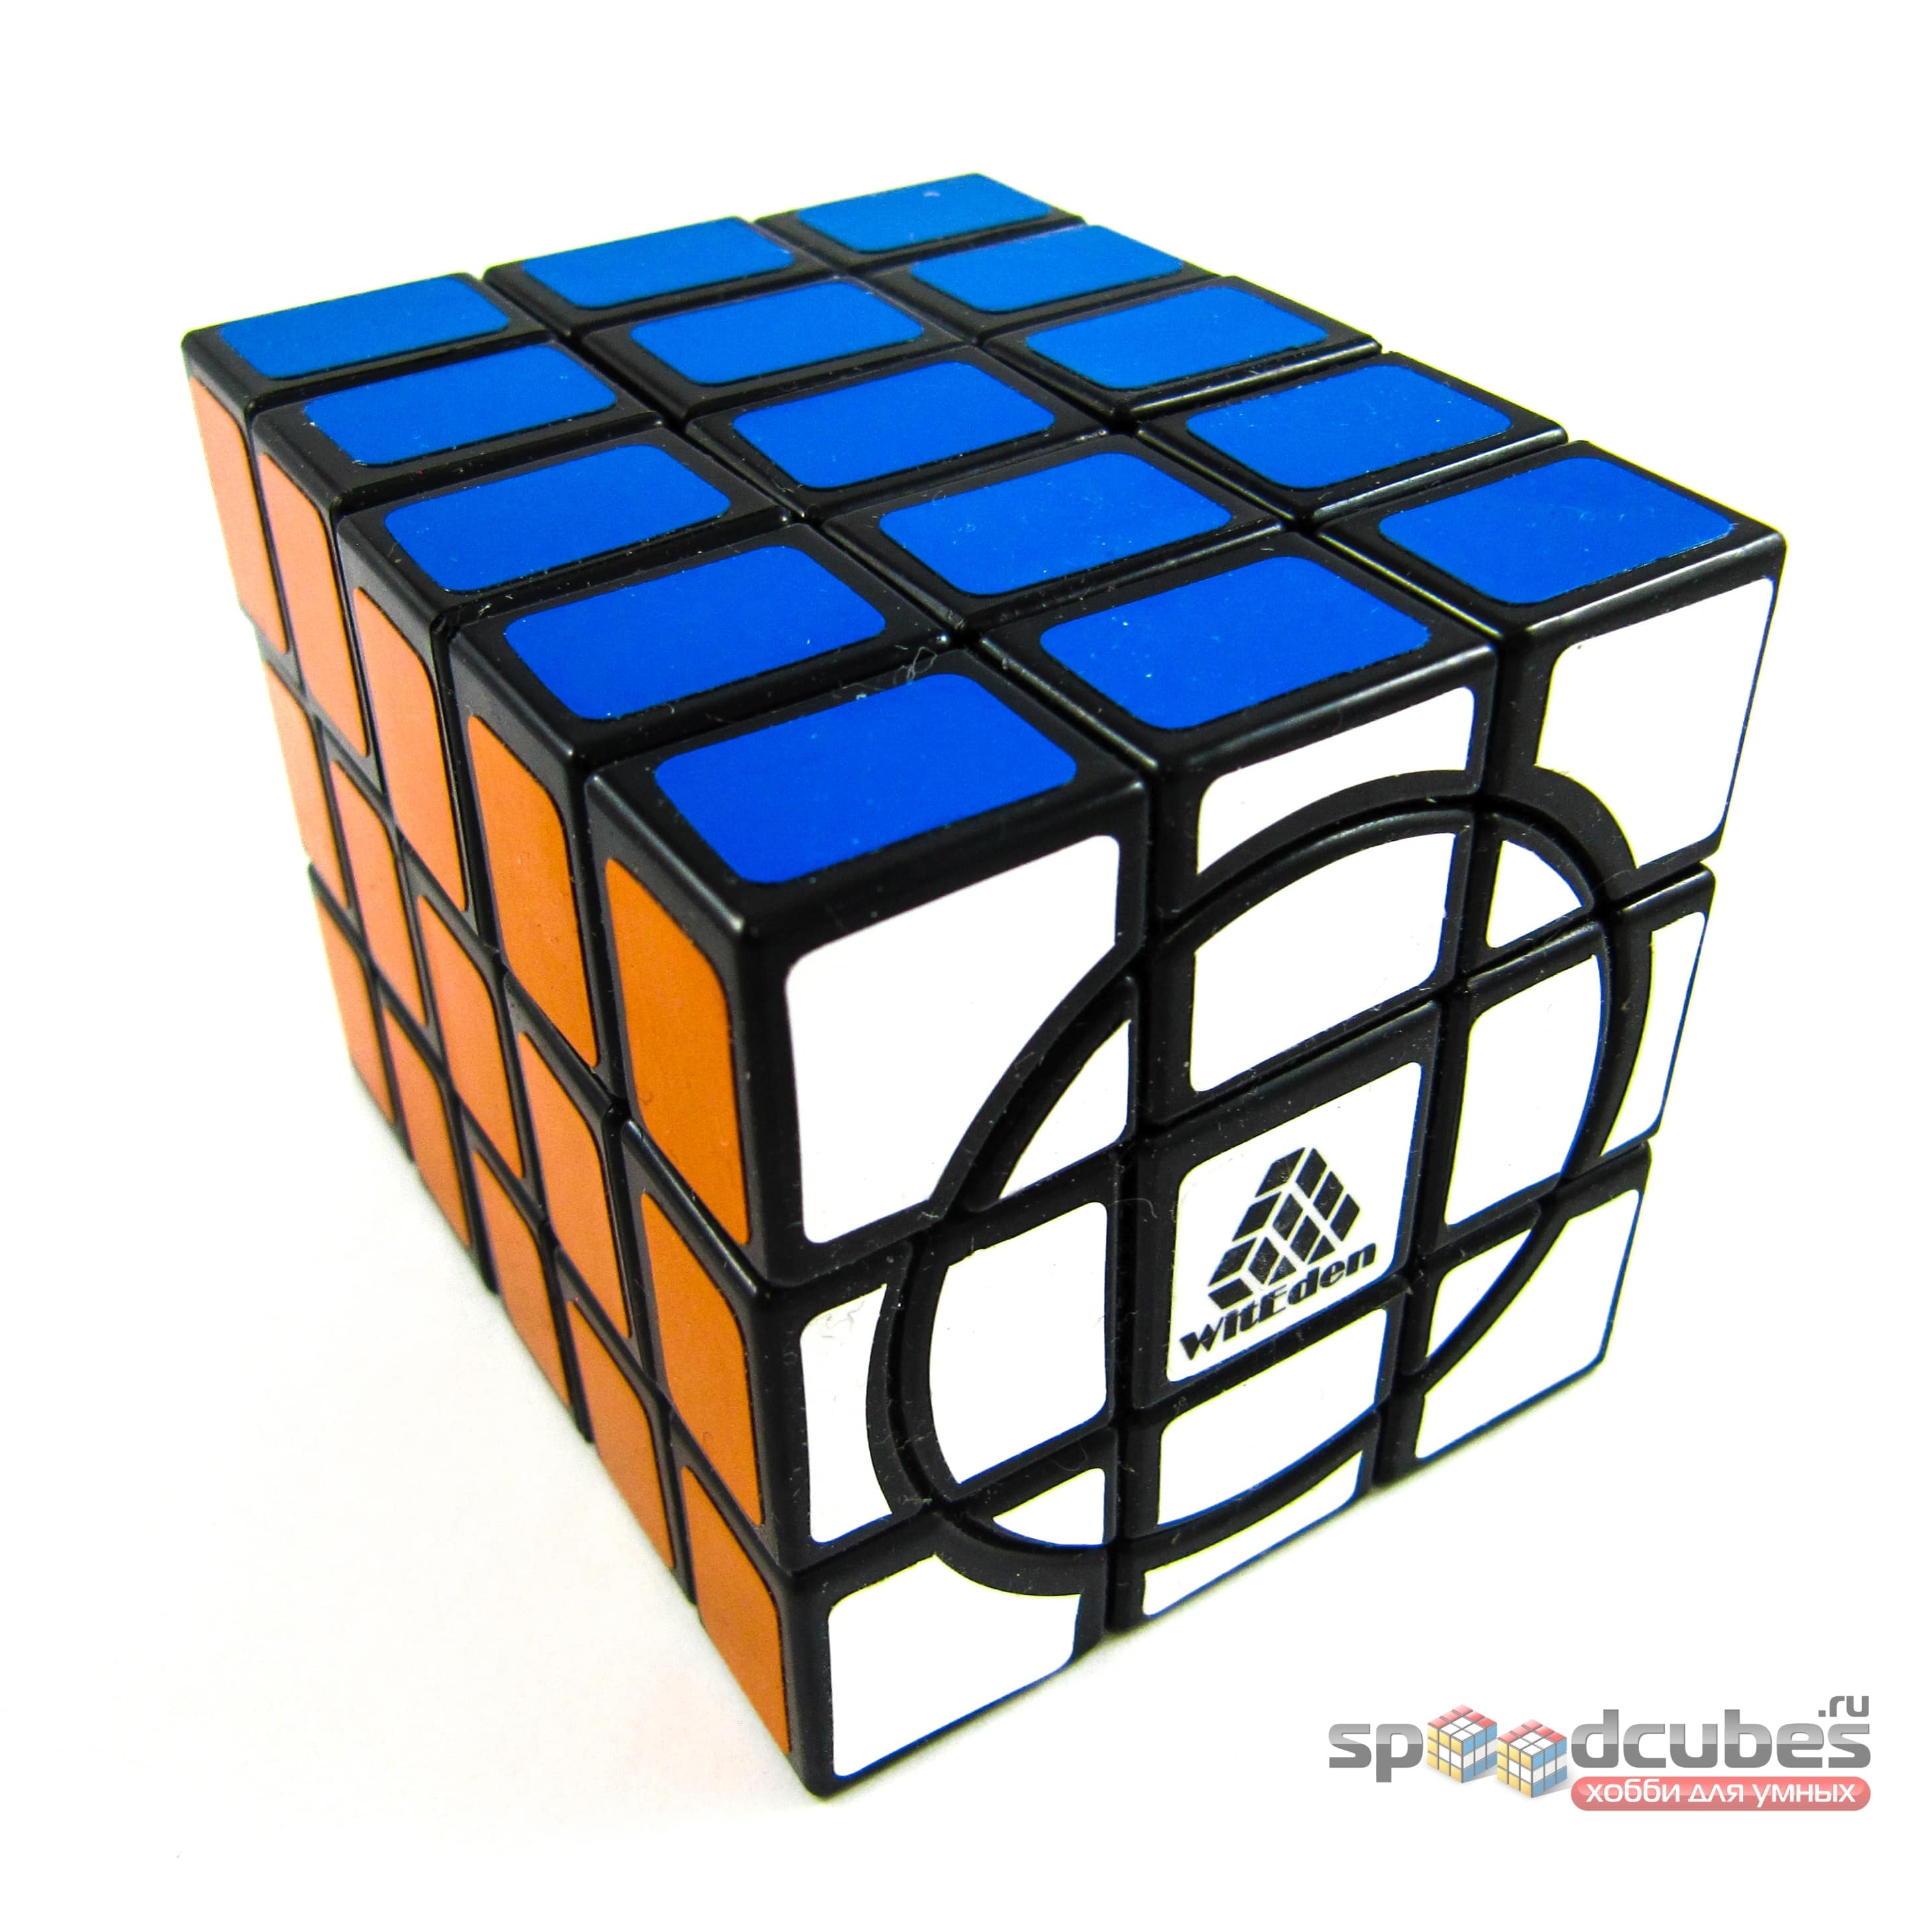 Witeden 3x3x5 Super 1